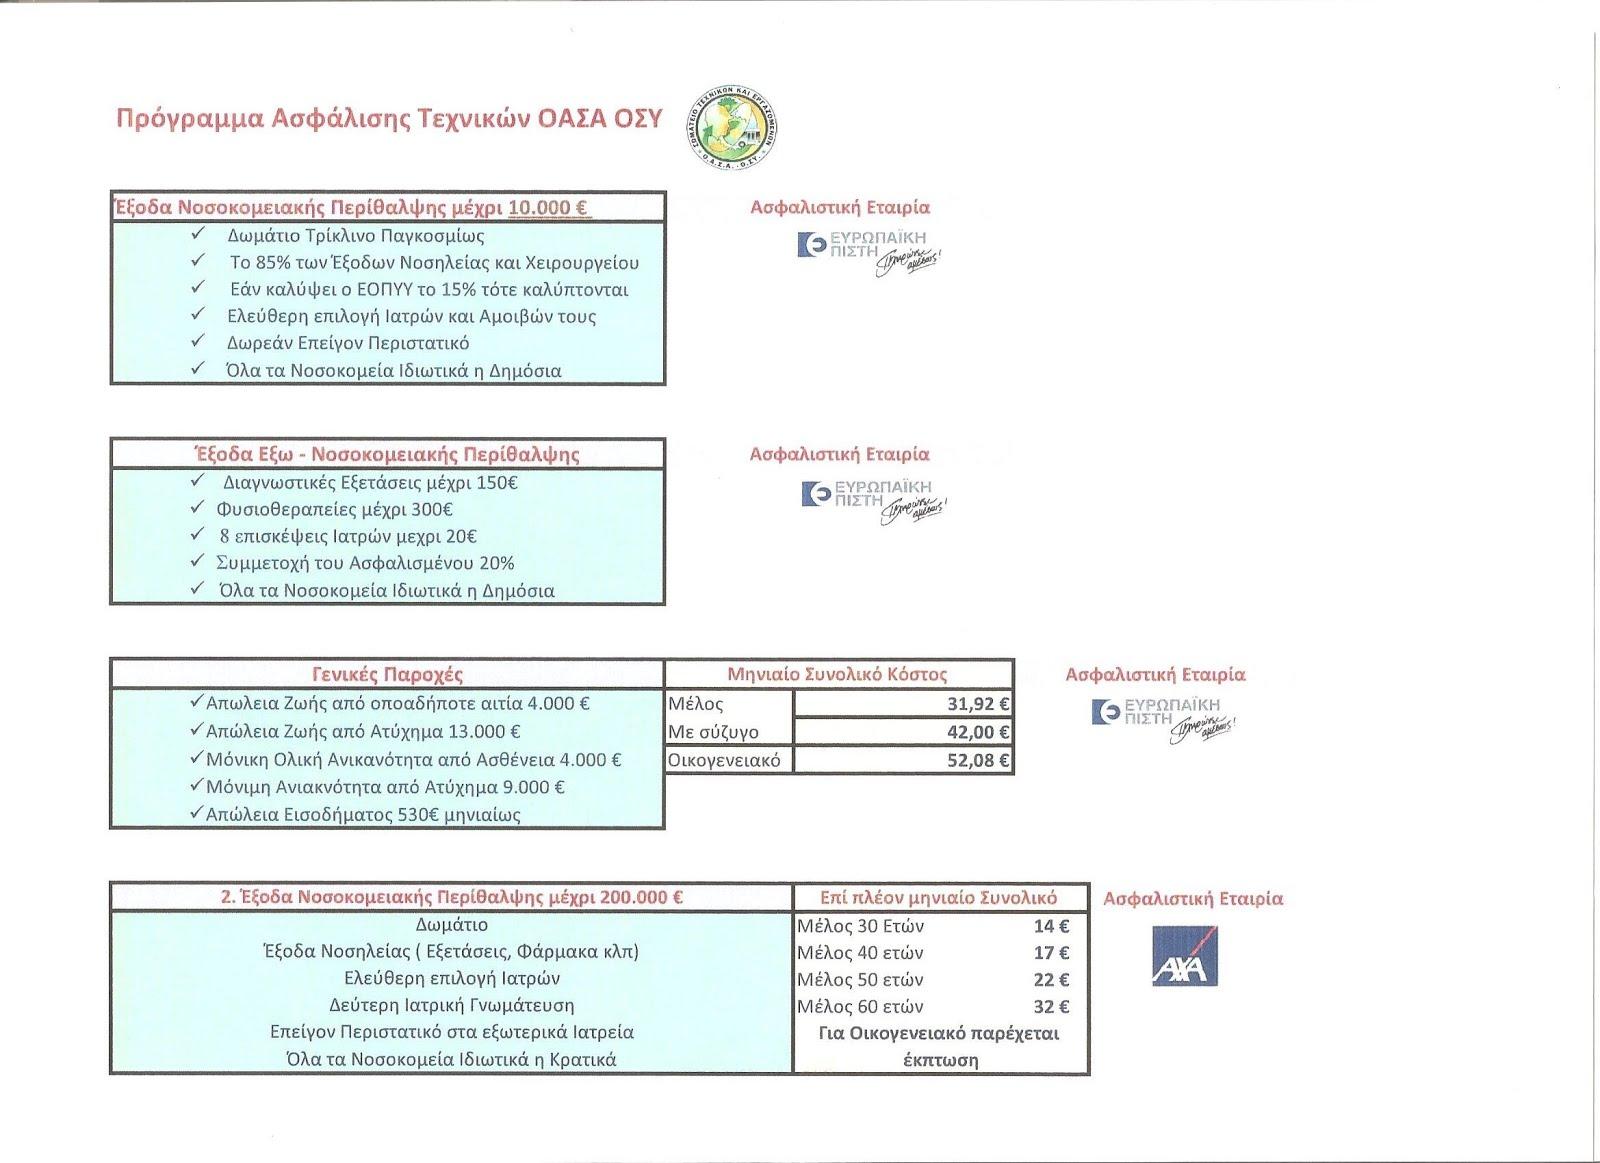 Προσφορά Ομαδικό Πρόγραμμα Ασφάλισης Τεχνικών ΟΑΣΑ - ΟΣΥ